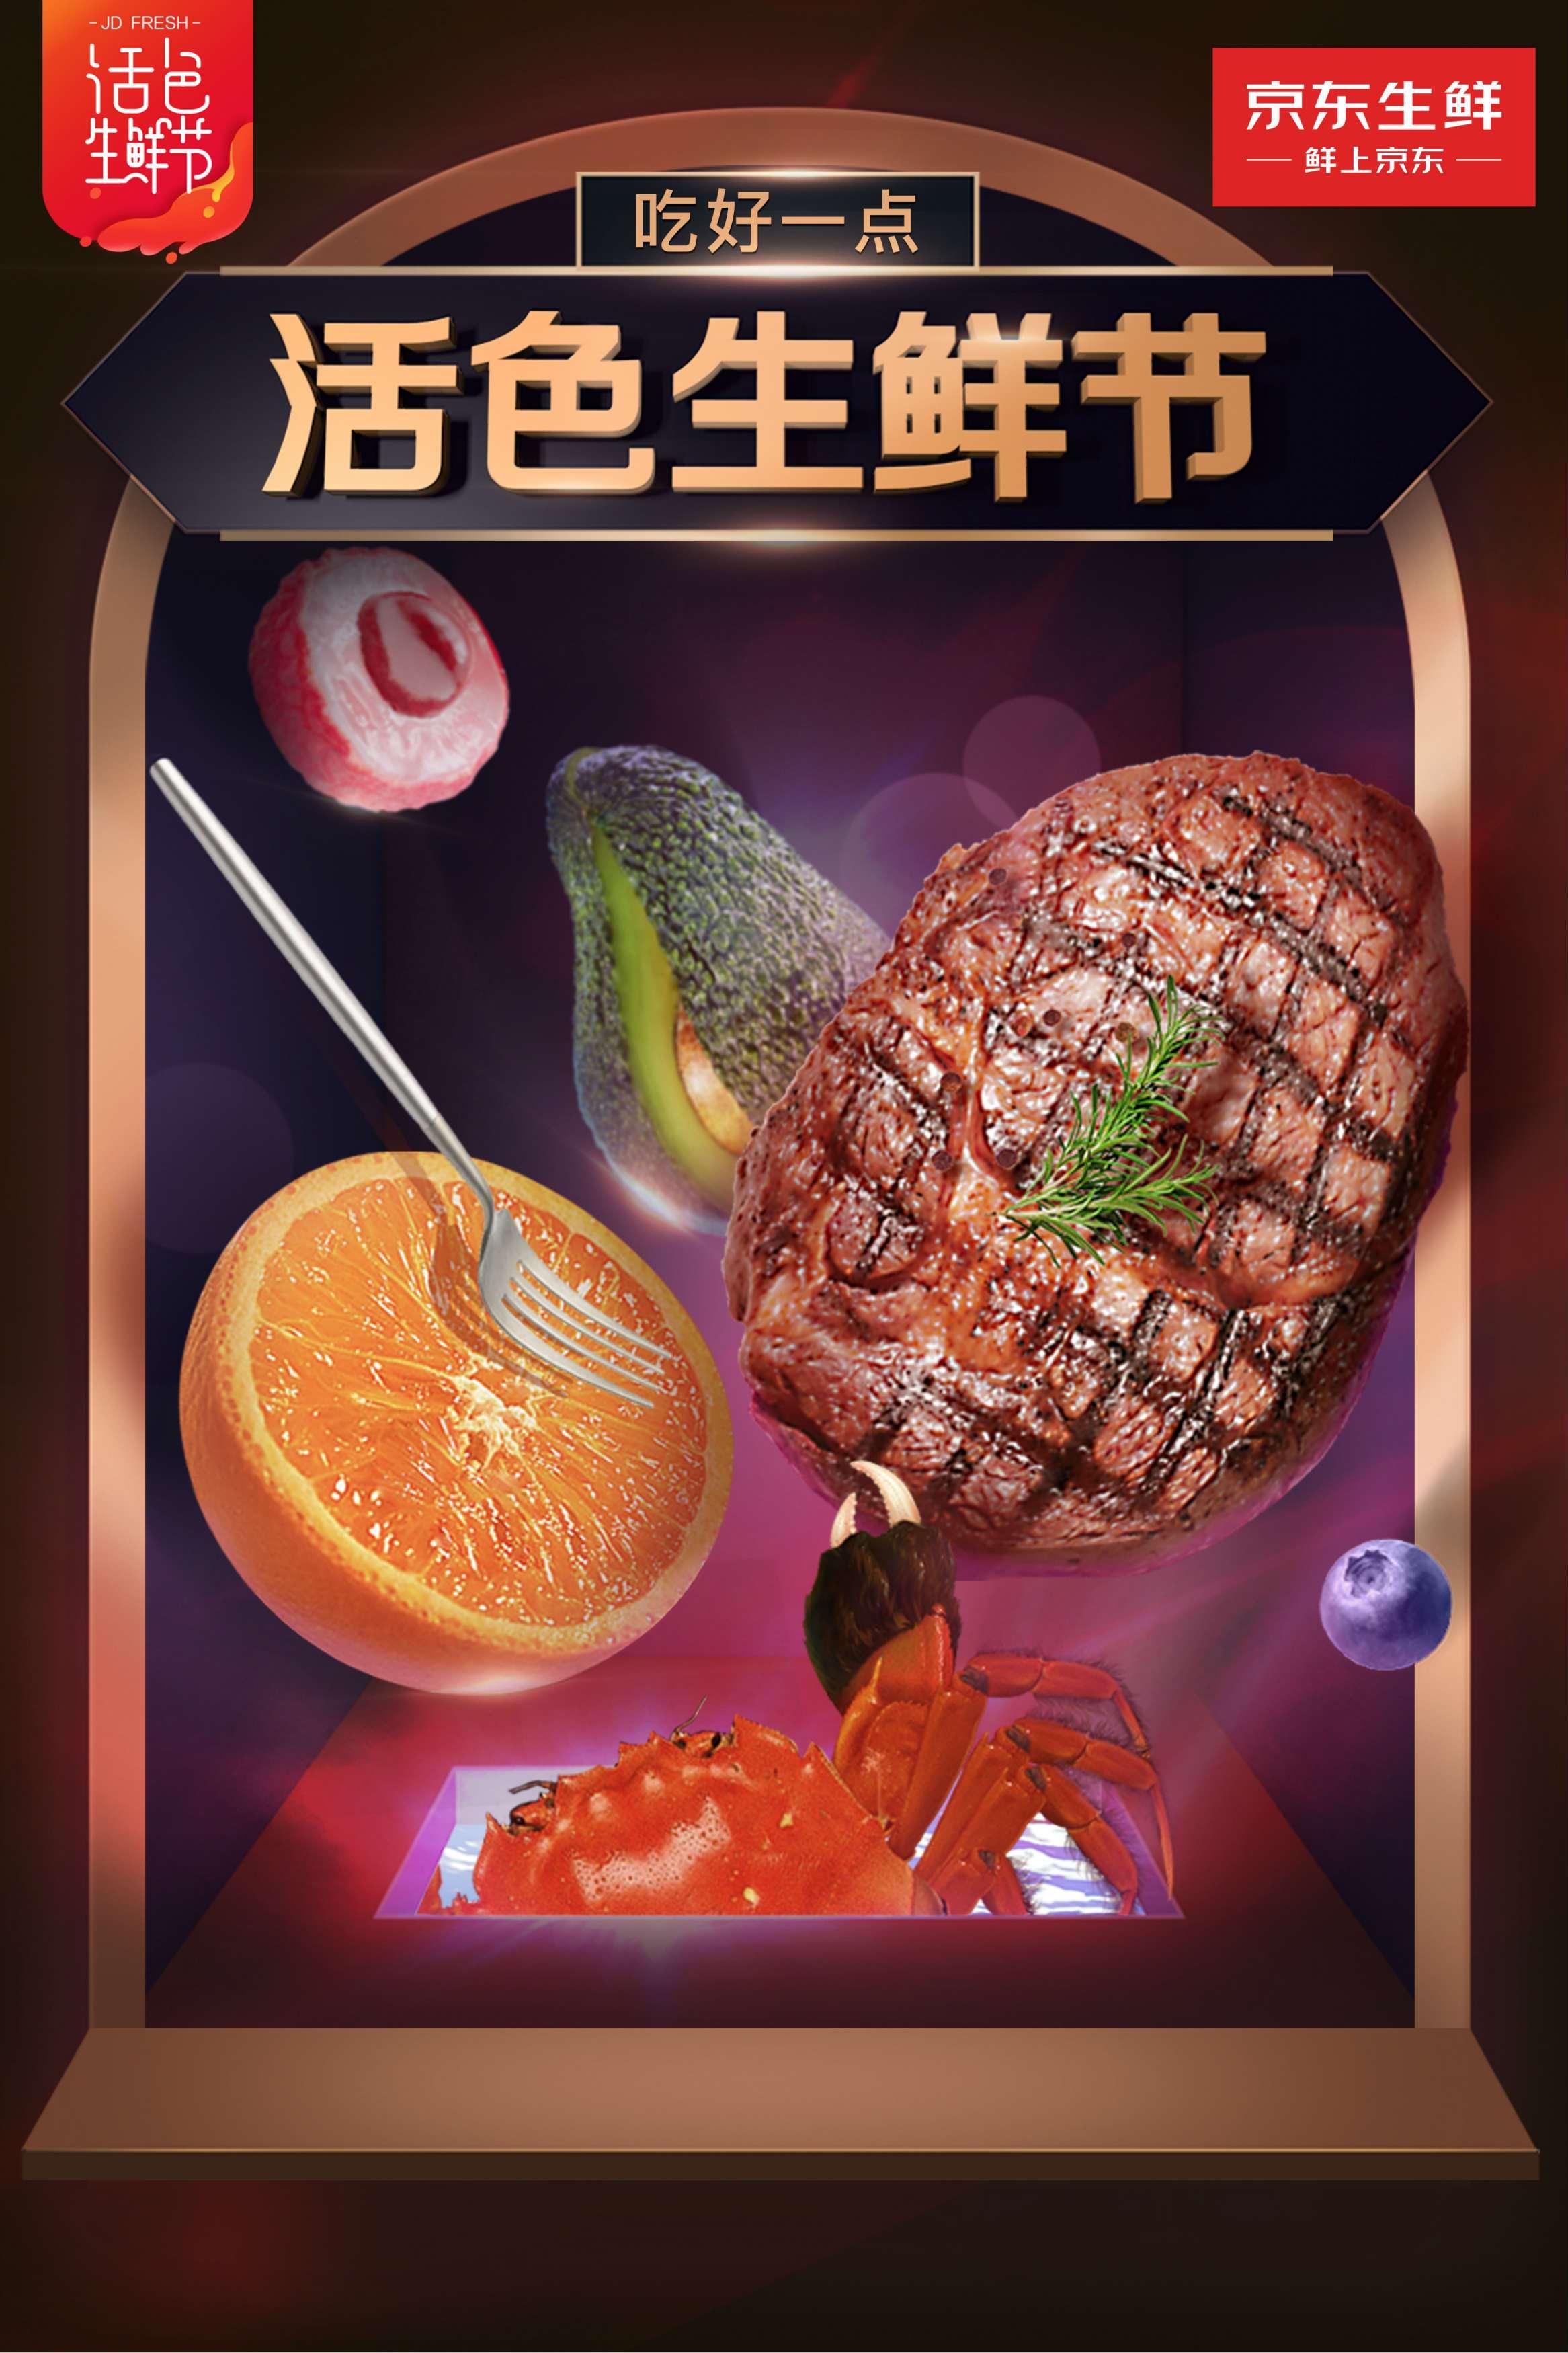 京东活色生鲜节喊你吃好一点!